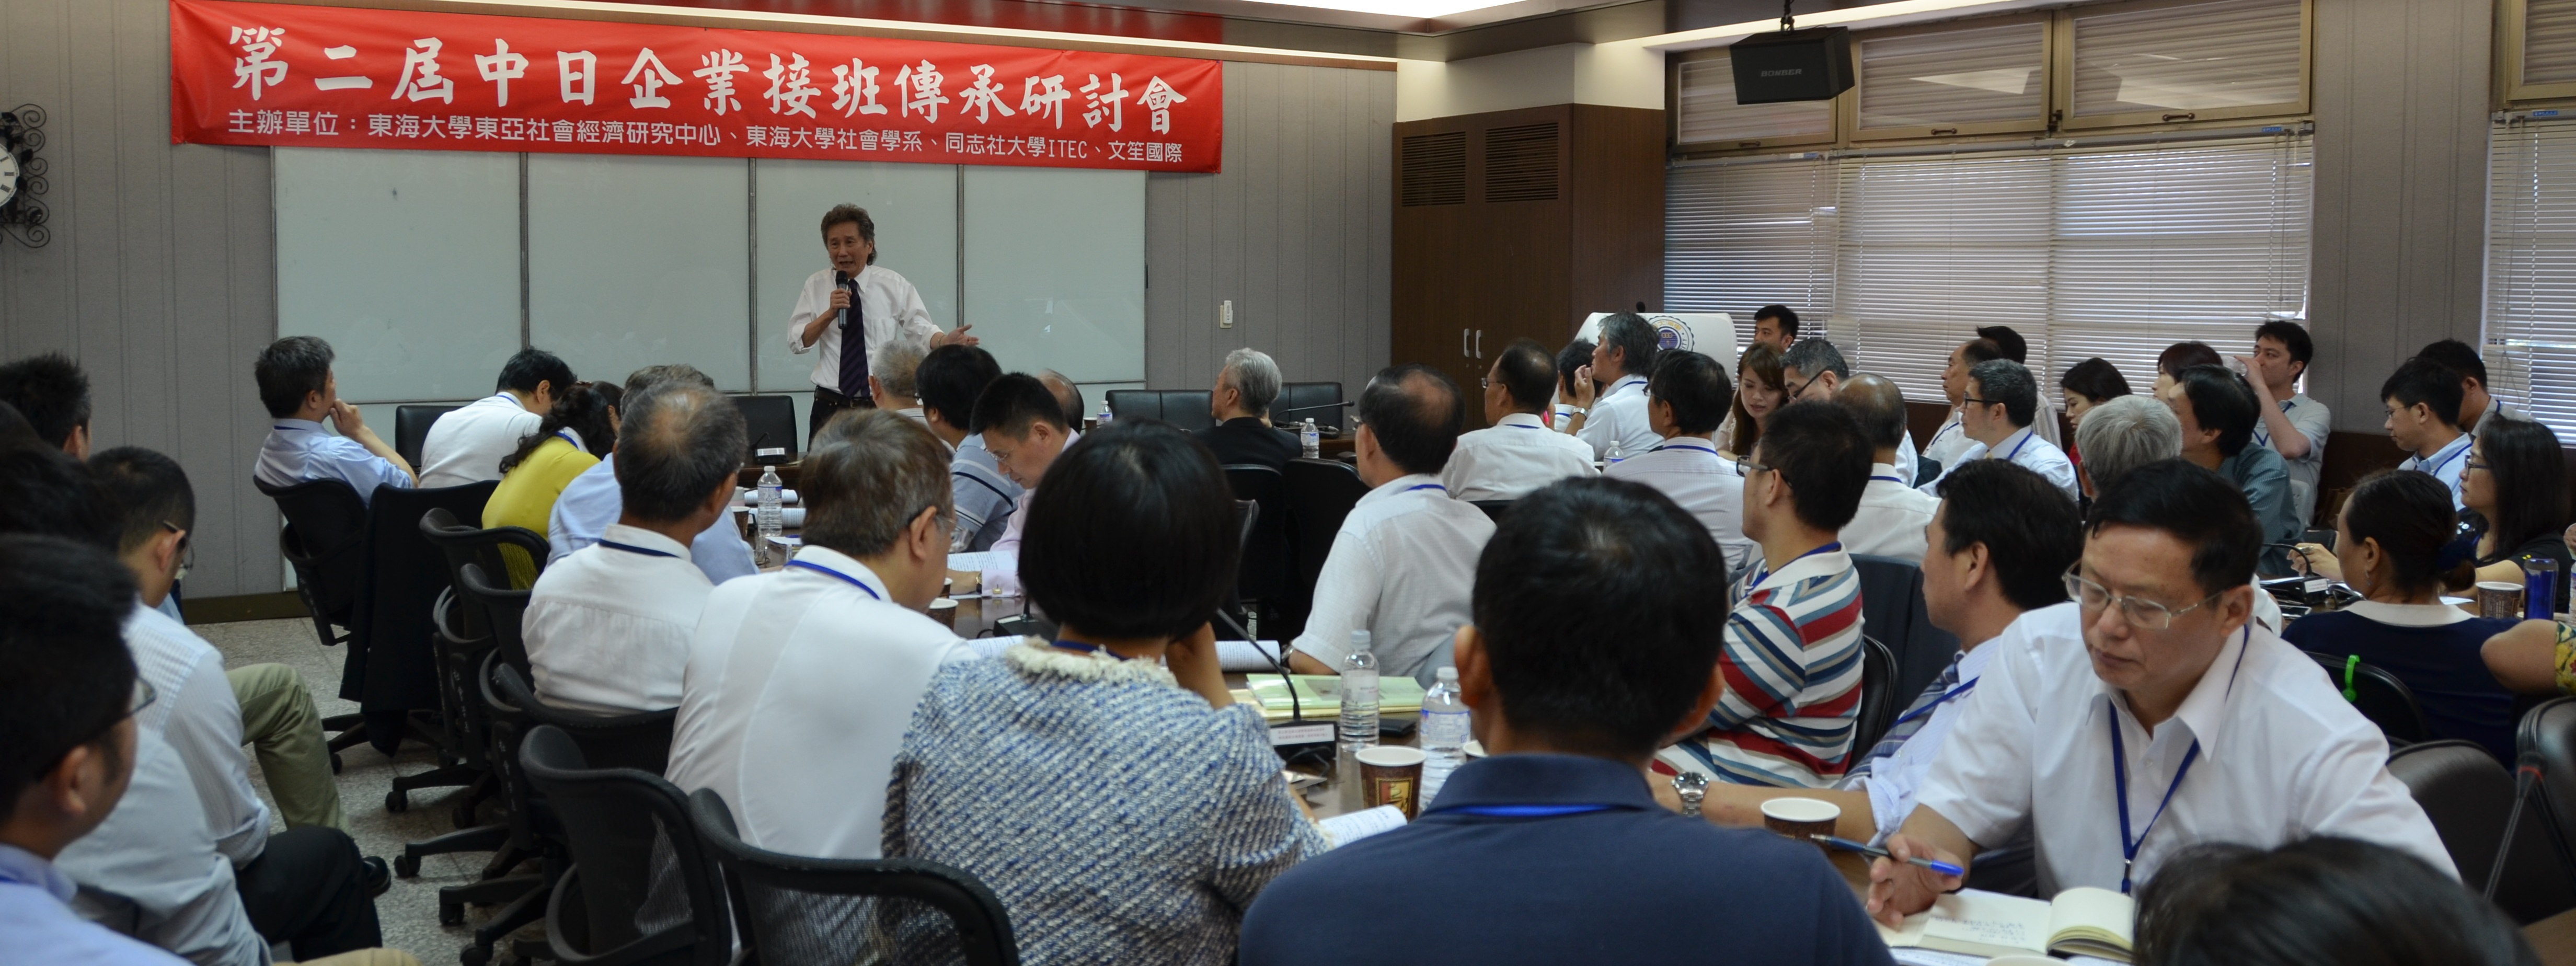 第二屆中日企業接班傳承研討會